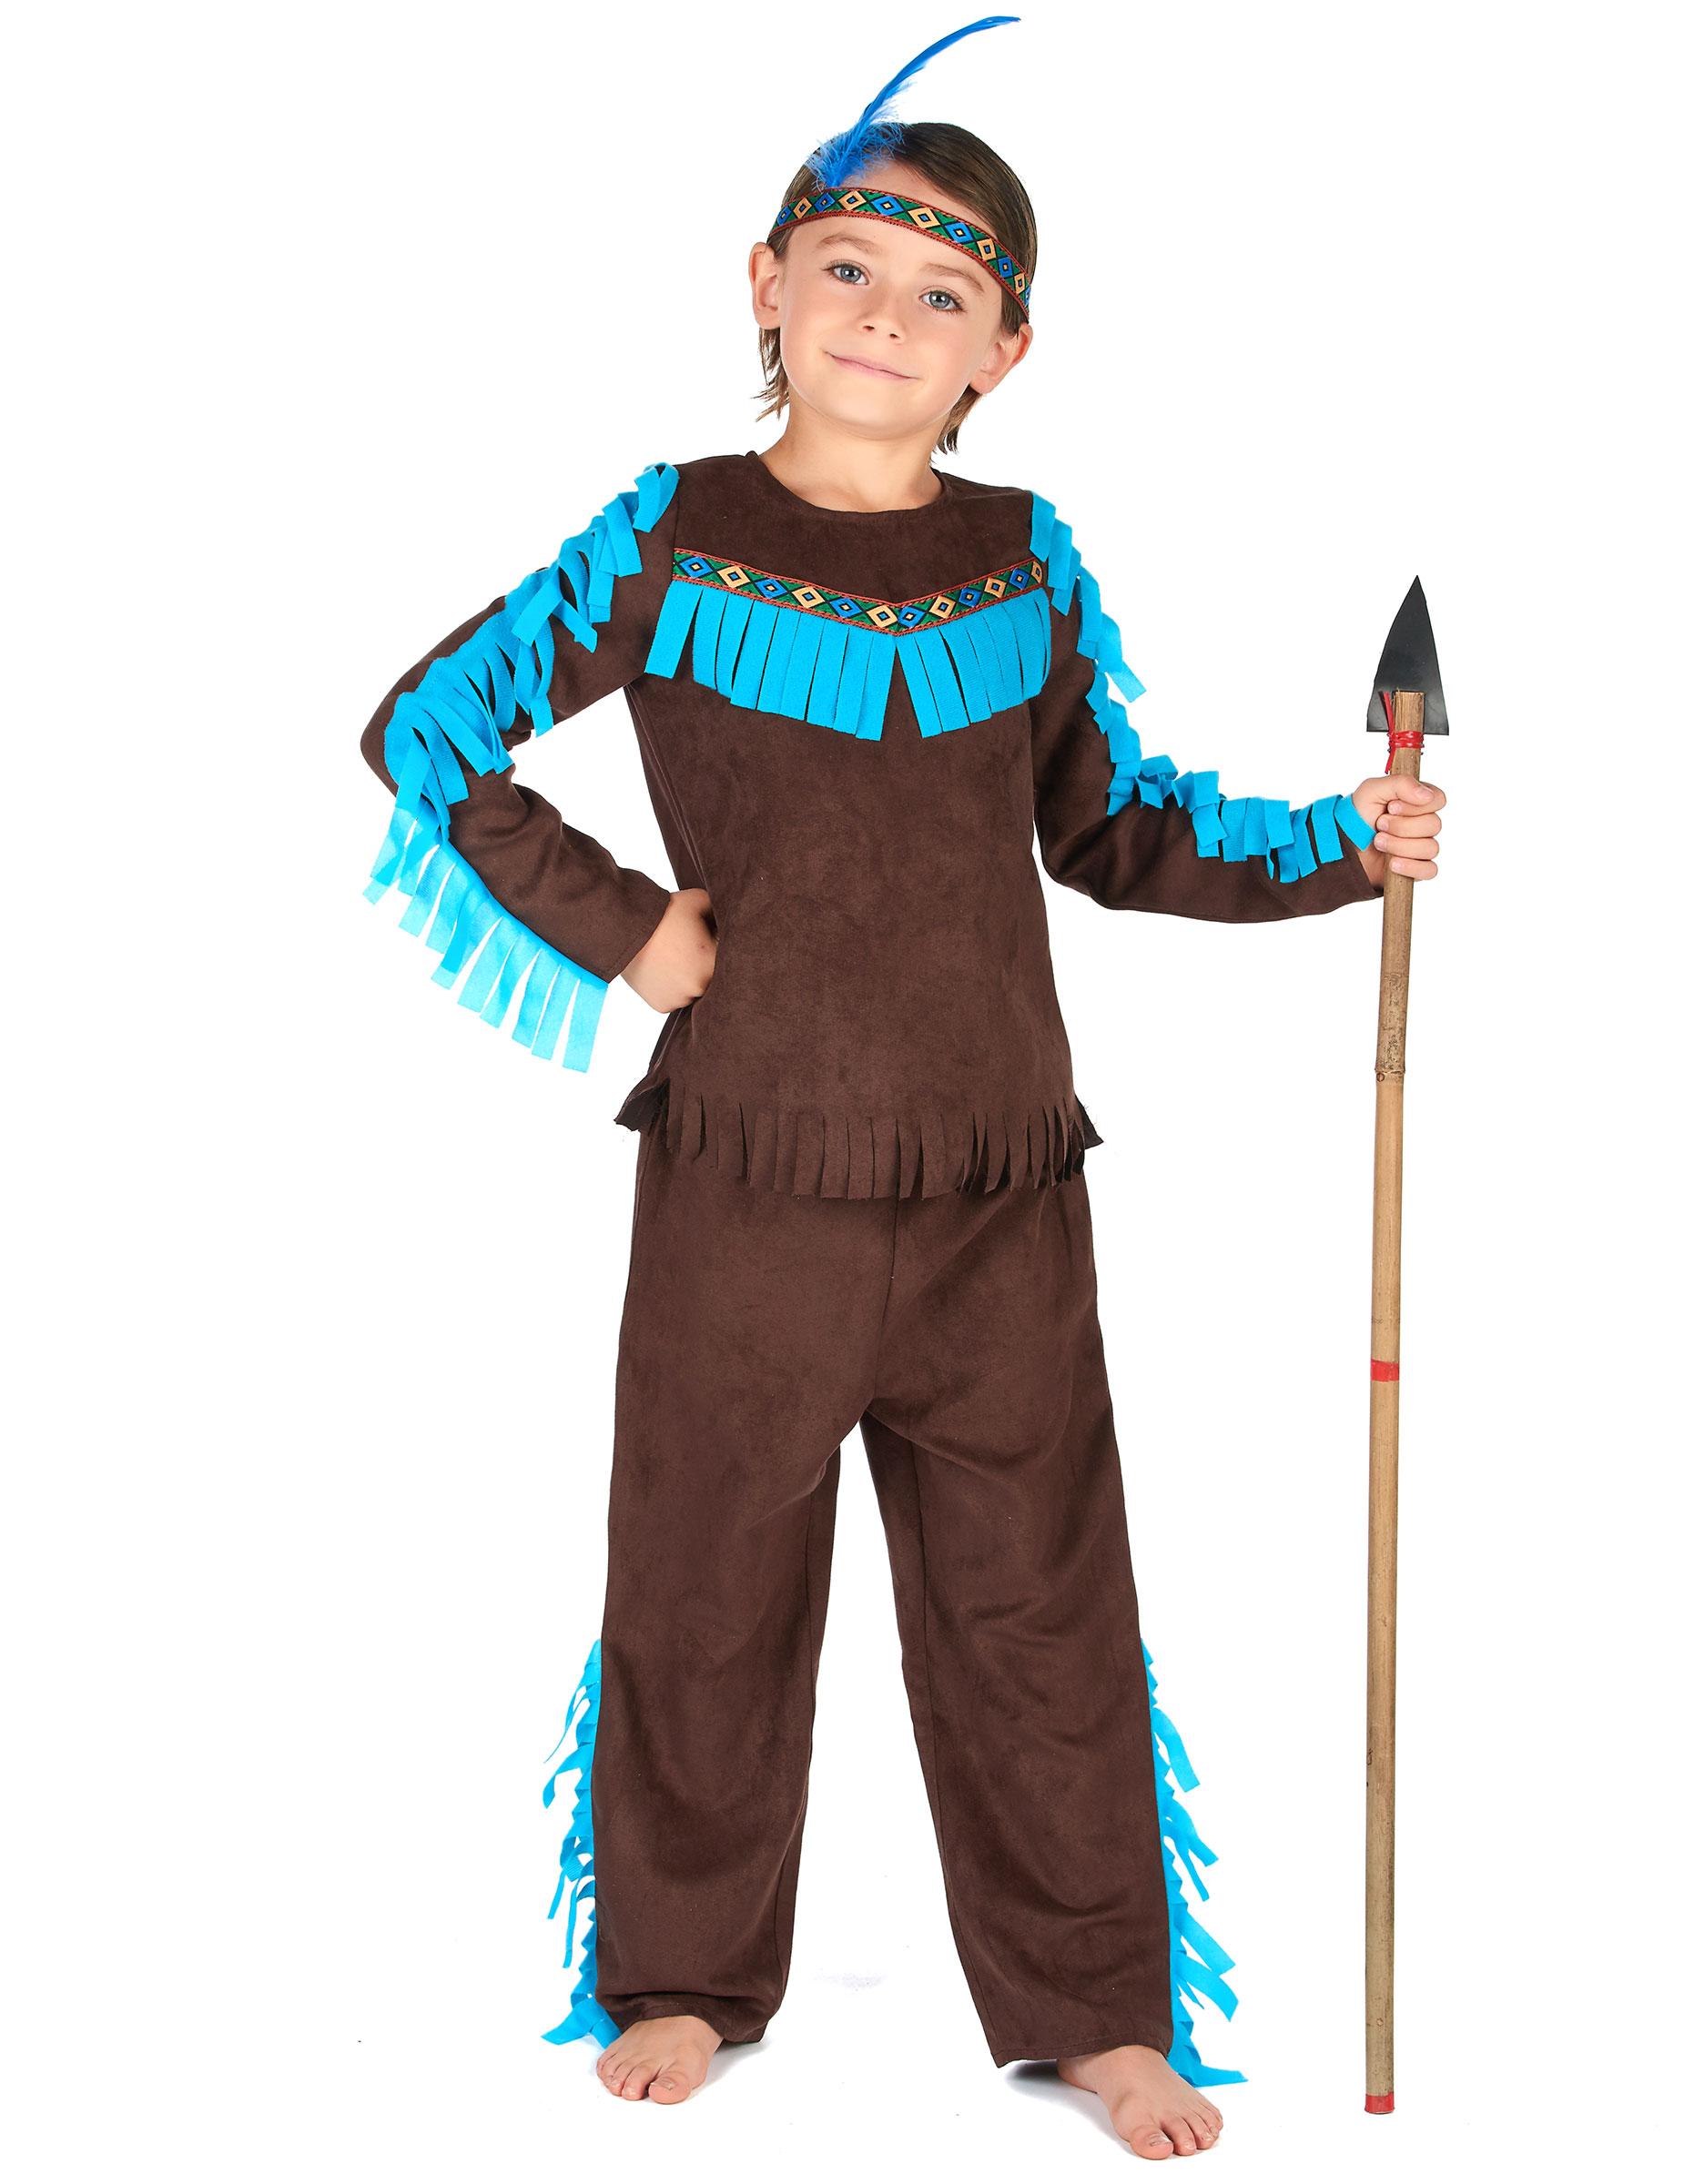 qualità disabilità strutturali nuovo stile di vita Costume da indiano marrone per bambino